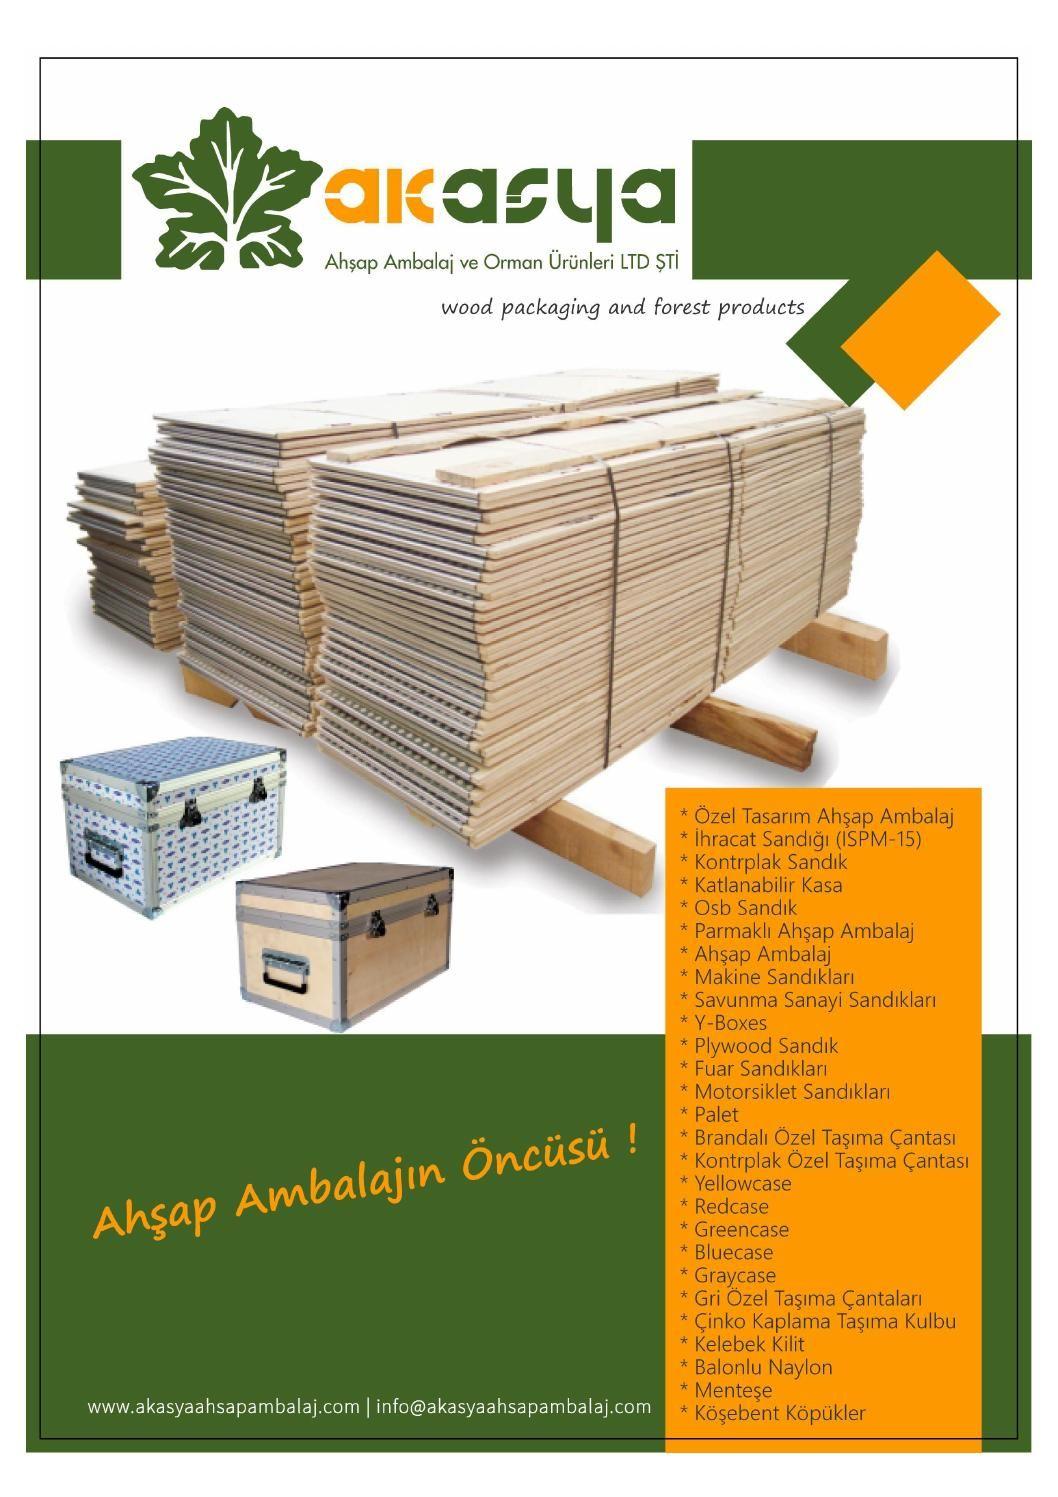 Akasya ahsap ambalaj | Katalog  Akasya Ahşap Ambalaj, firması adına hazırlanmış olan ürün kataloğu içerisinde. Osb sandık, kontrplak ahşap ambalaj, ahşap, y-pack, ihracat sandığı, ıspm-15, brandalı özel taşıma çantası, palet, parmaklı kasa gibi ürünlerin görsel ve metin olarak açıklamaları yer almaktadır. http://goo.gl/z3SDQo